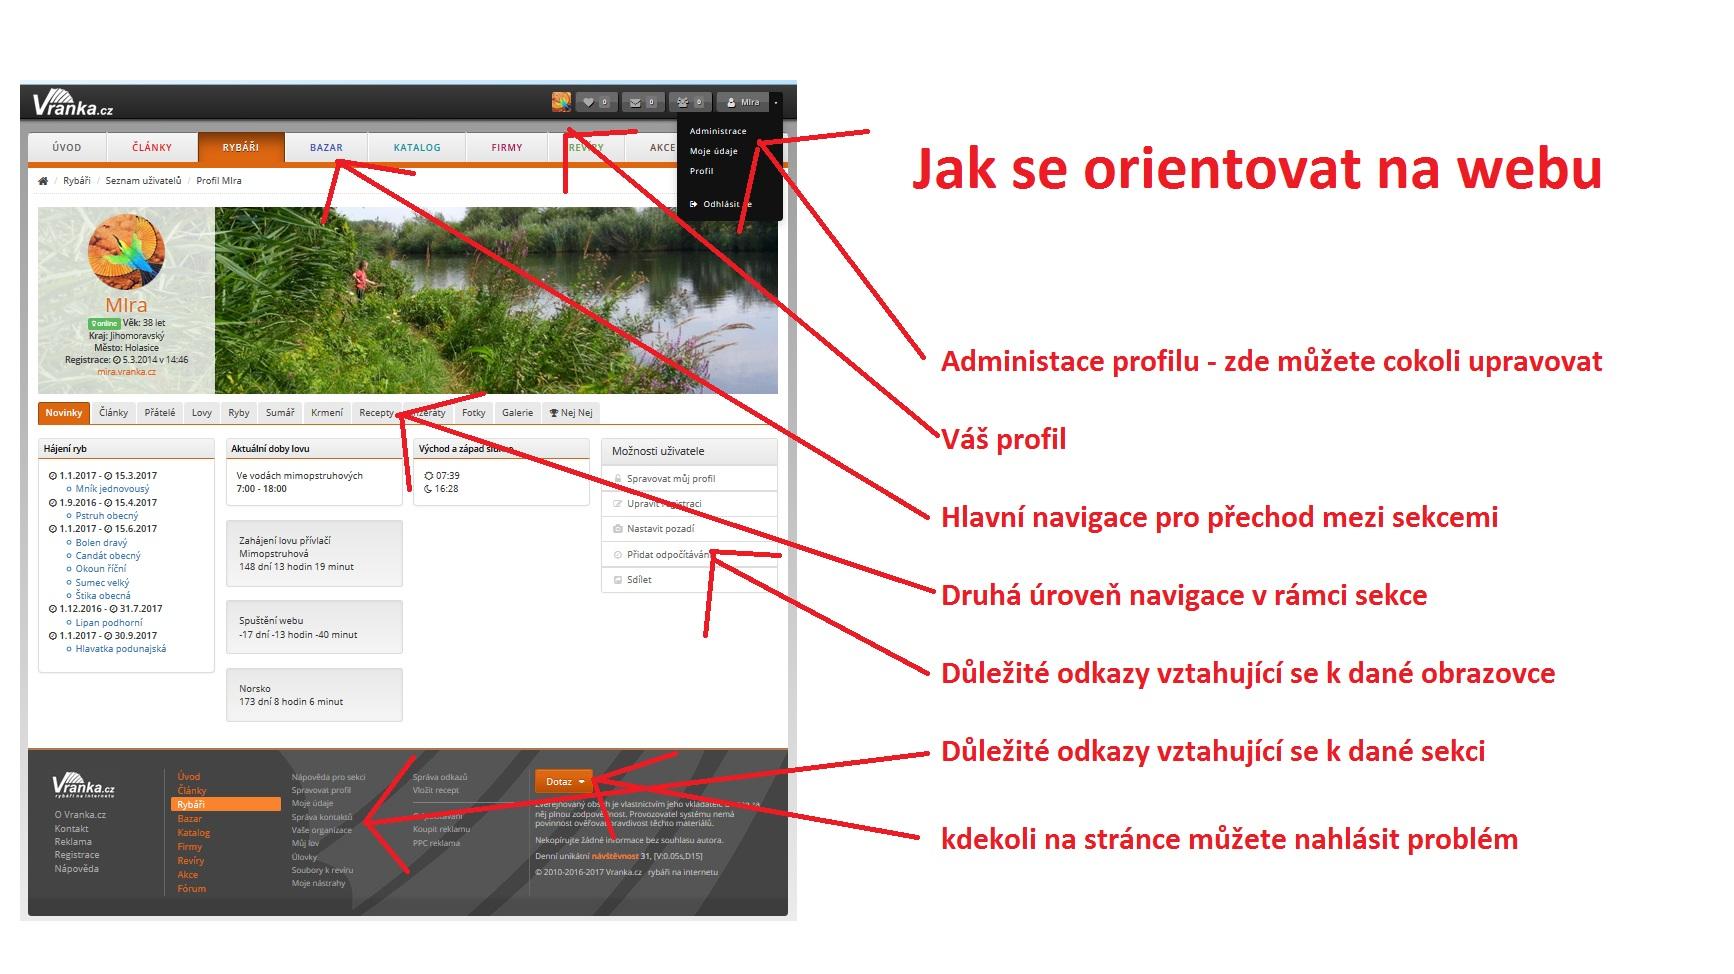 Obecný text profilu